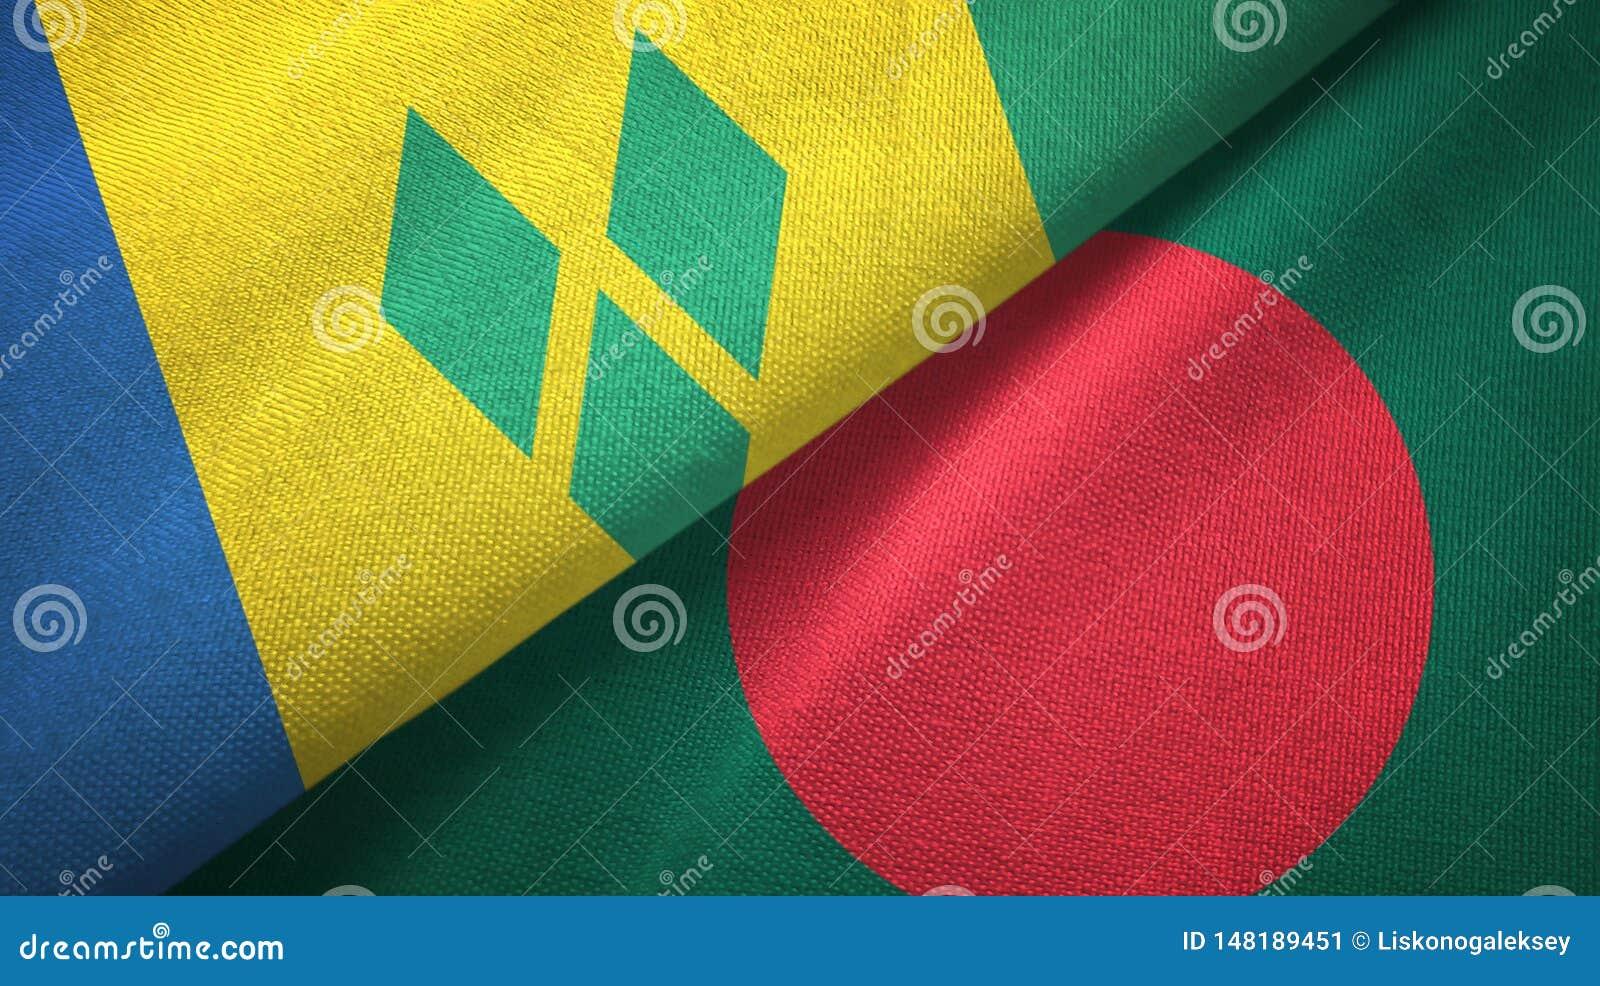 Άγιος Βικέντιος και Γρεναδίνες και Μπανγκλαντές δύο σημαίες